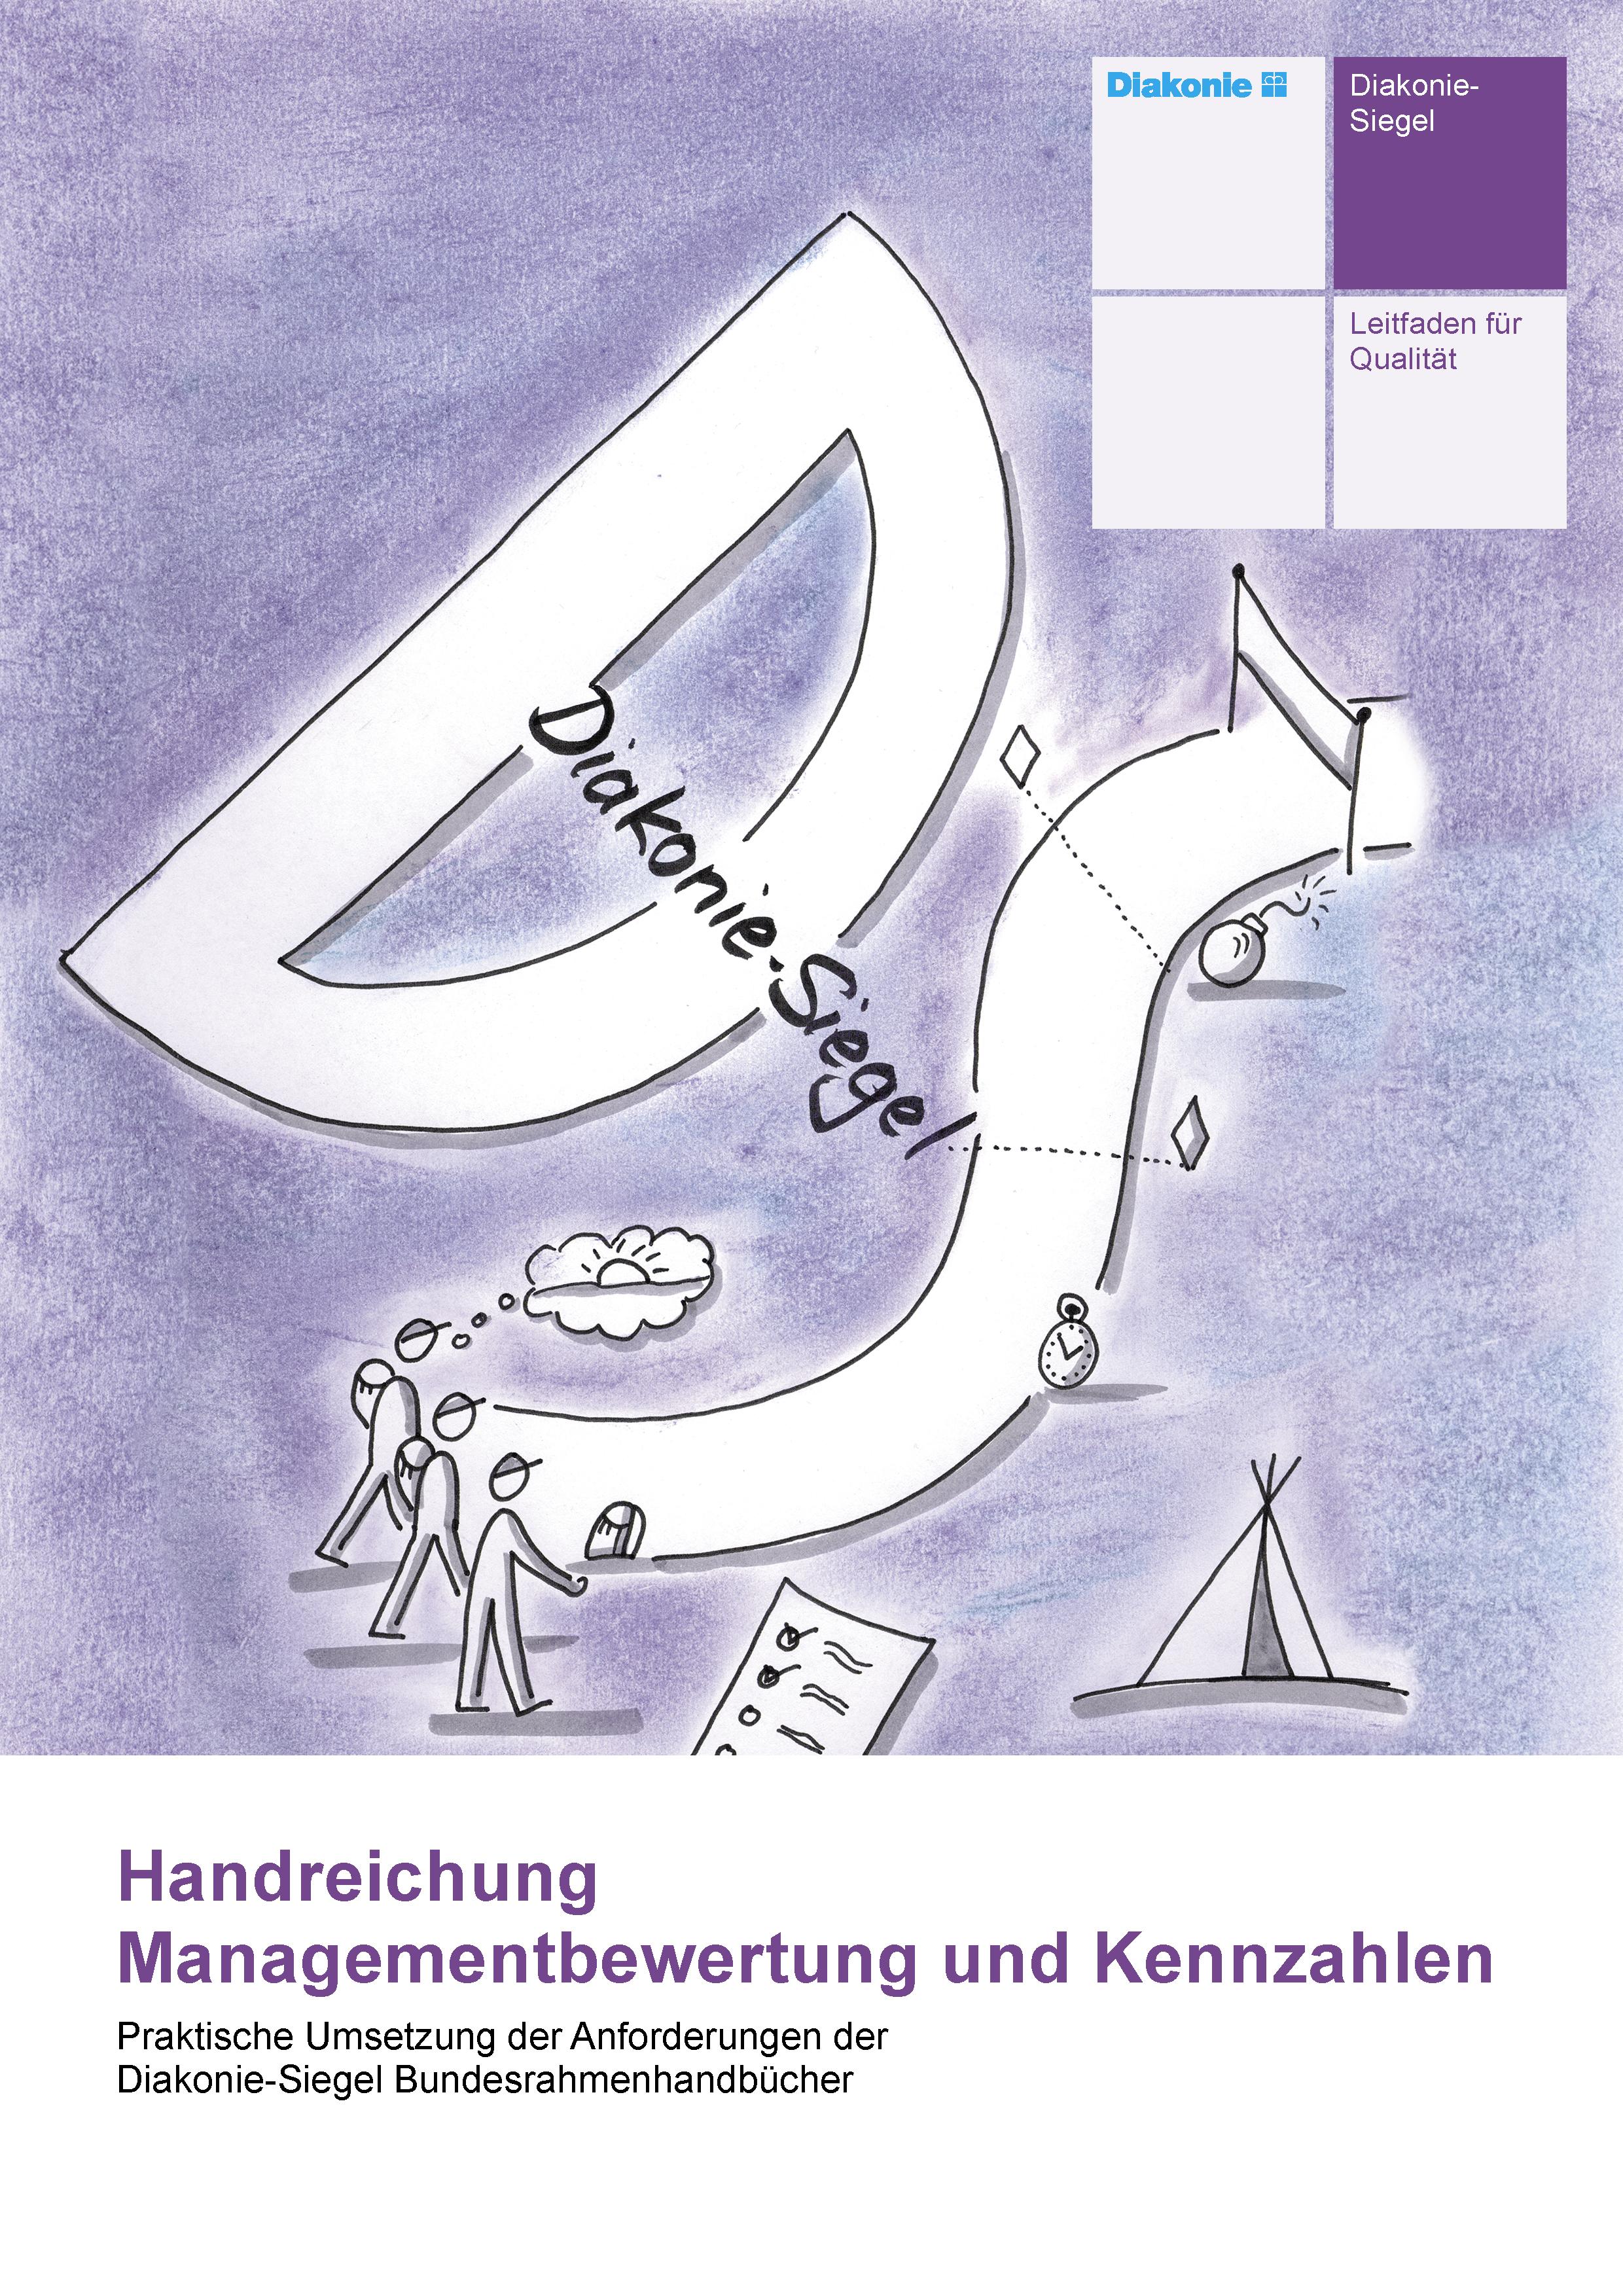 Handreichung Managementbewertung und Kennzahlen, CD-ROM